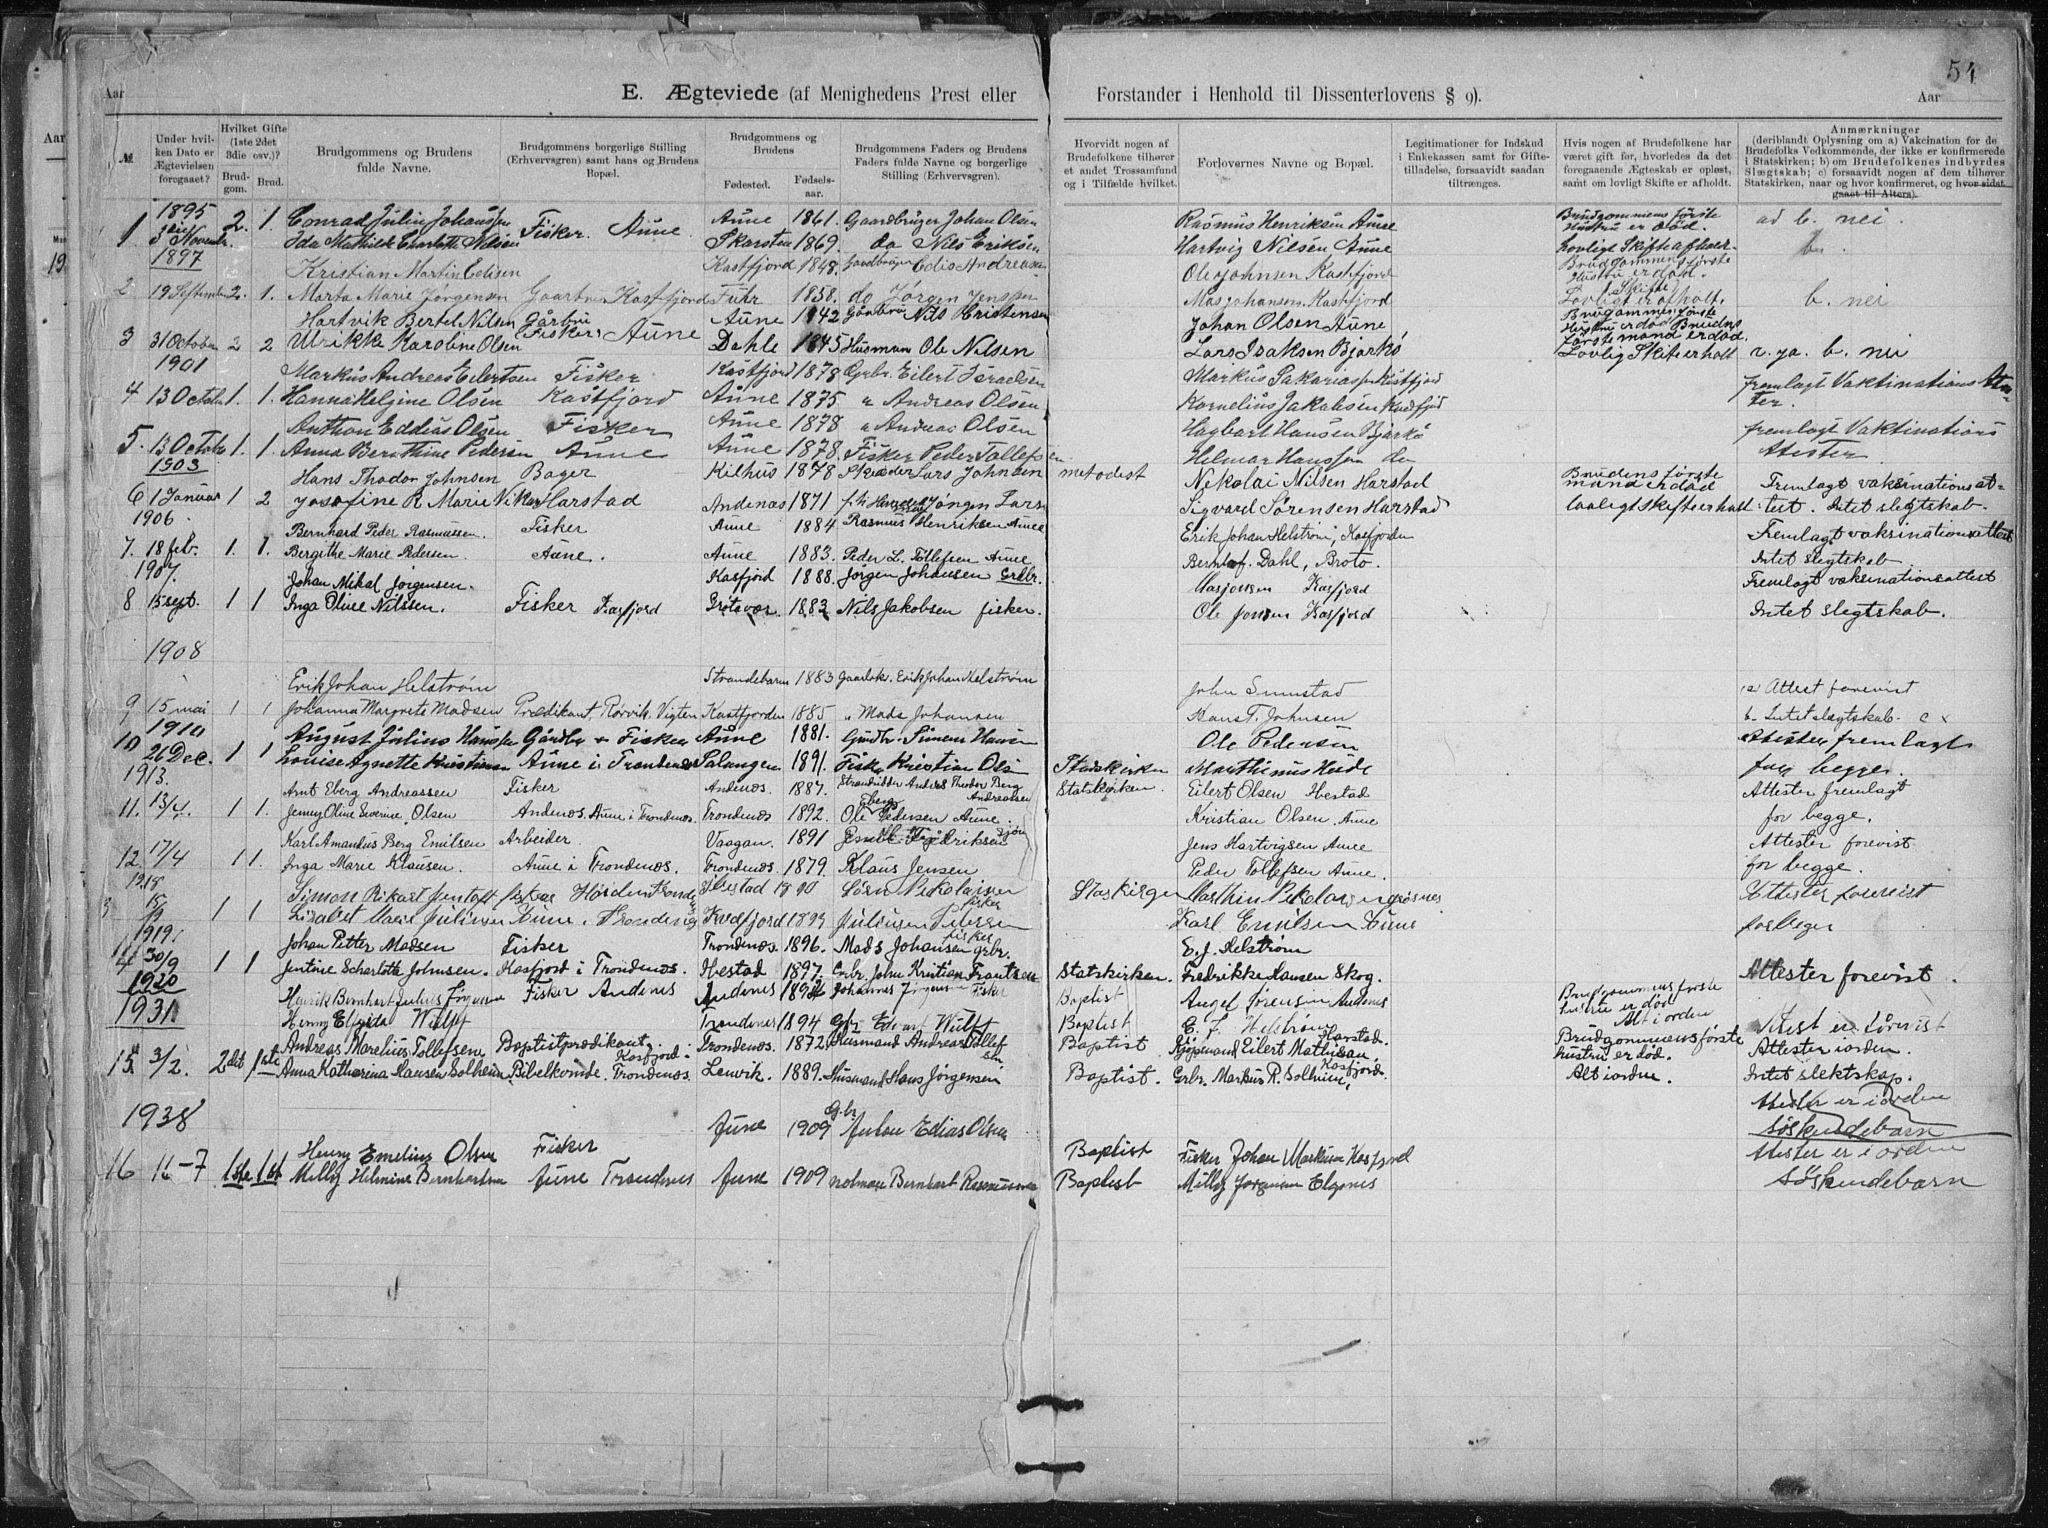 SATØ, Aune baptistmenighet, F/L0006DP: Dissenterprotokoll nr. 6, 1887-1939, s. 54